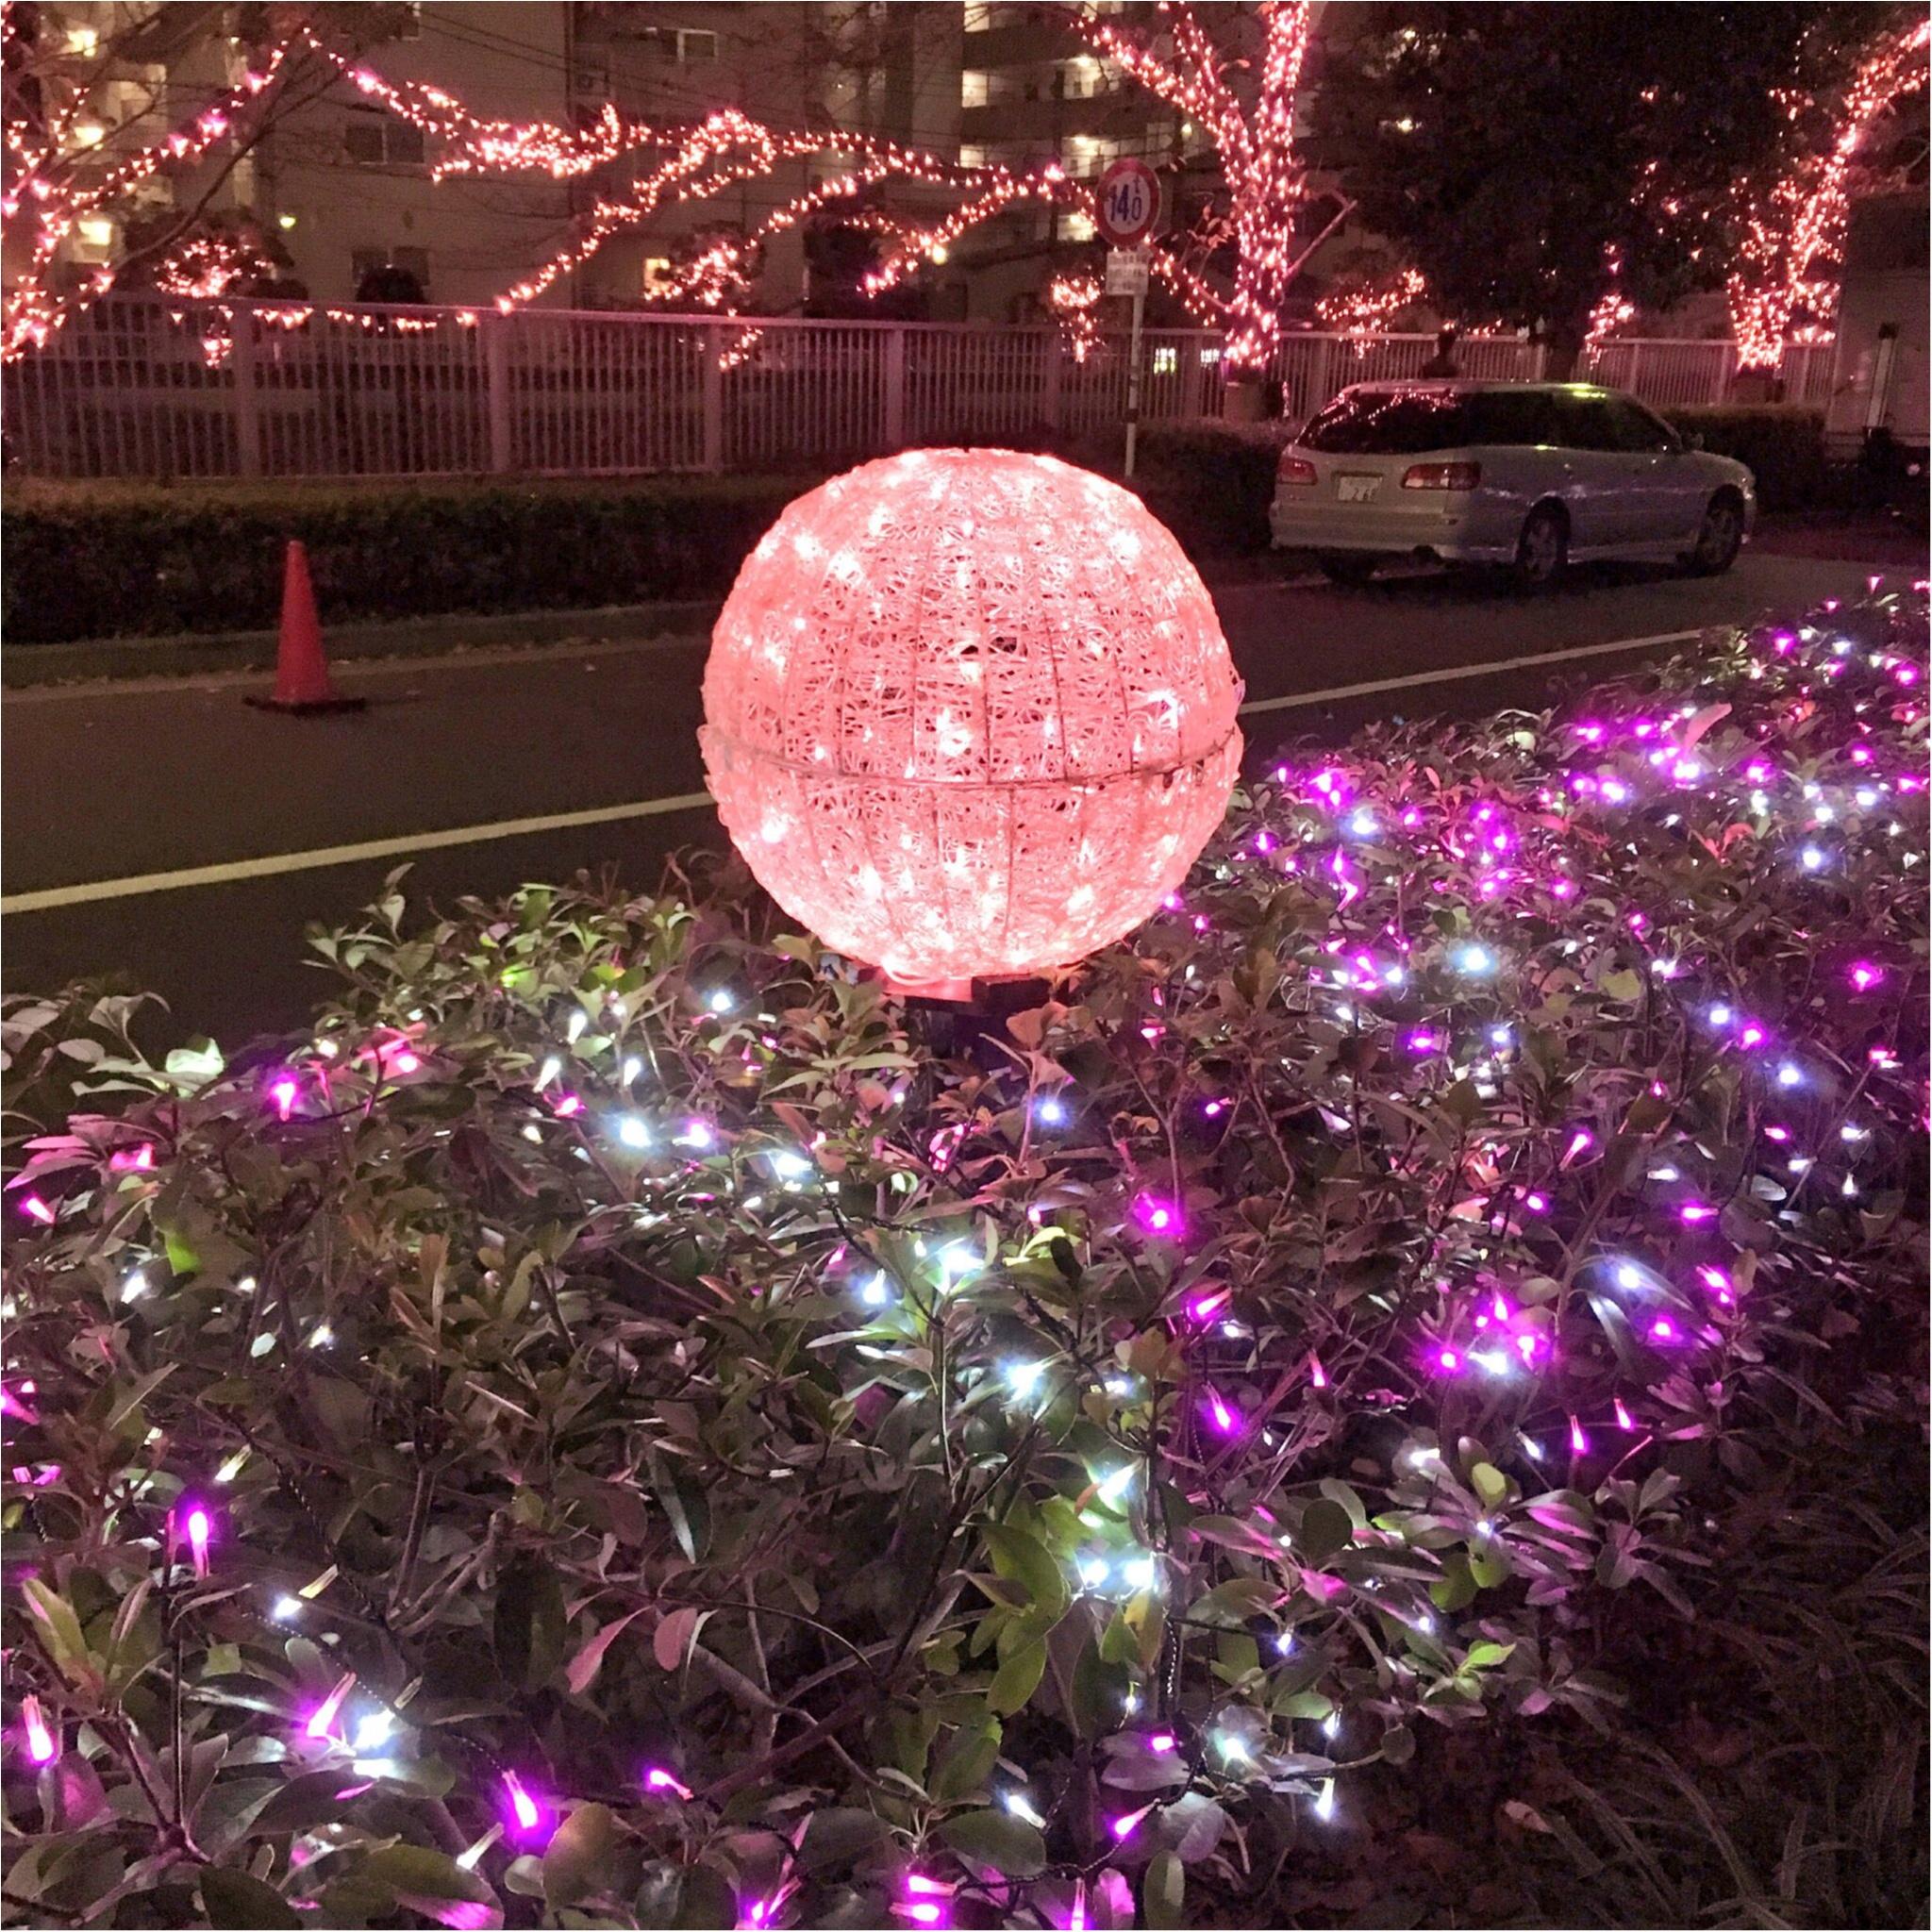 『目黒川』に『冬の桜』が咲きました(*°○°*)♡最新の『環境にやさしいイルミネーション』って???_6